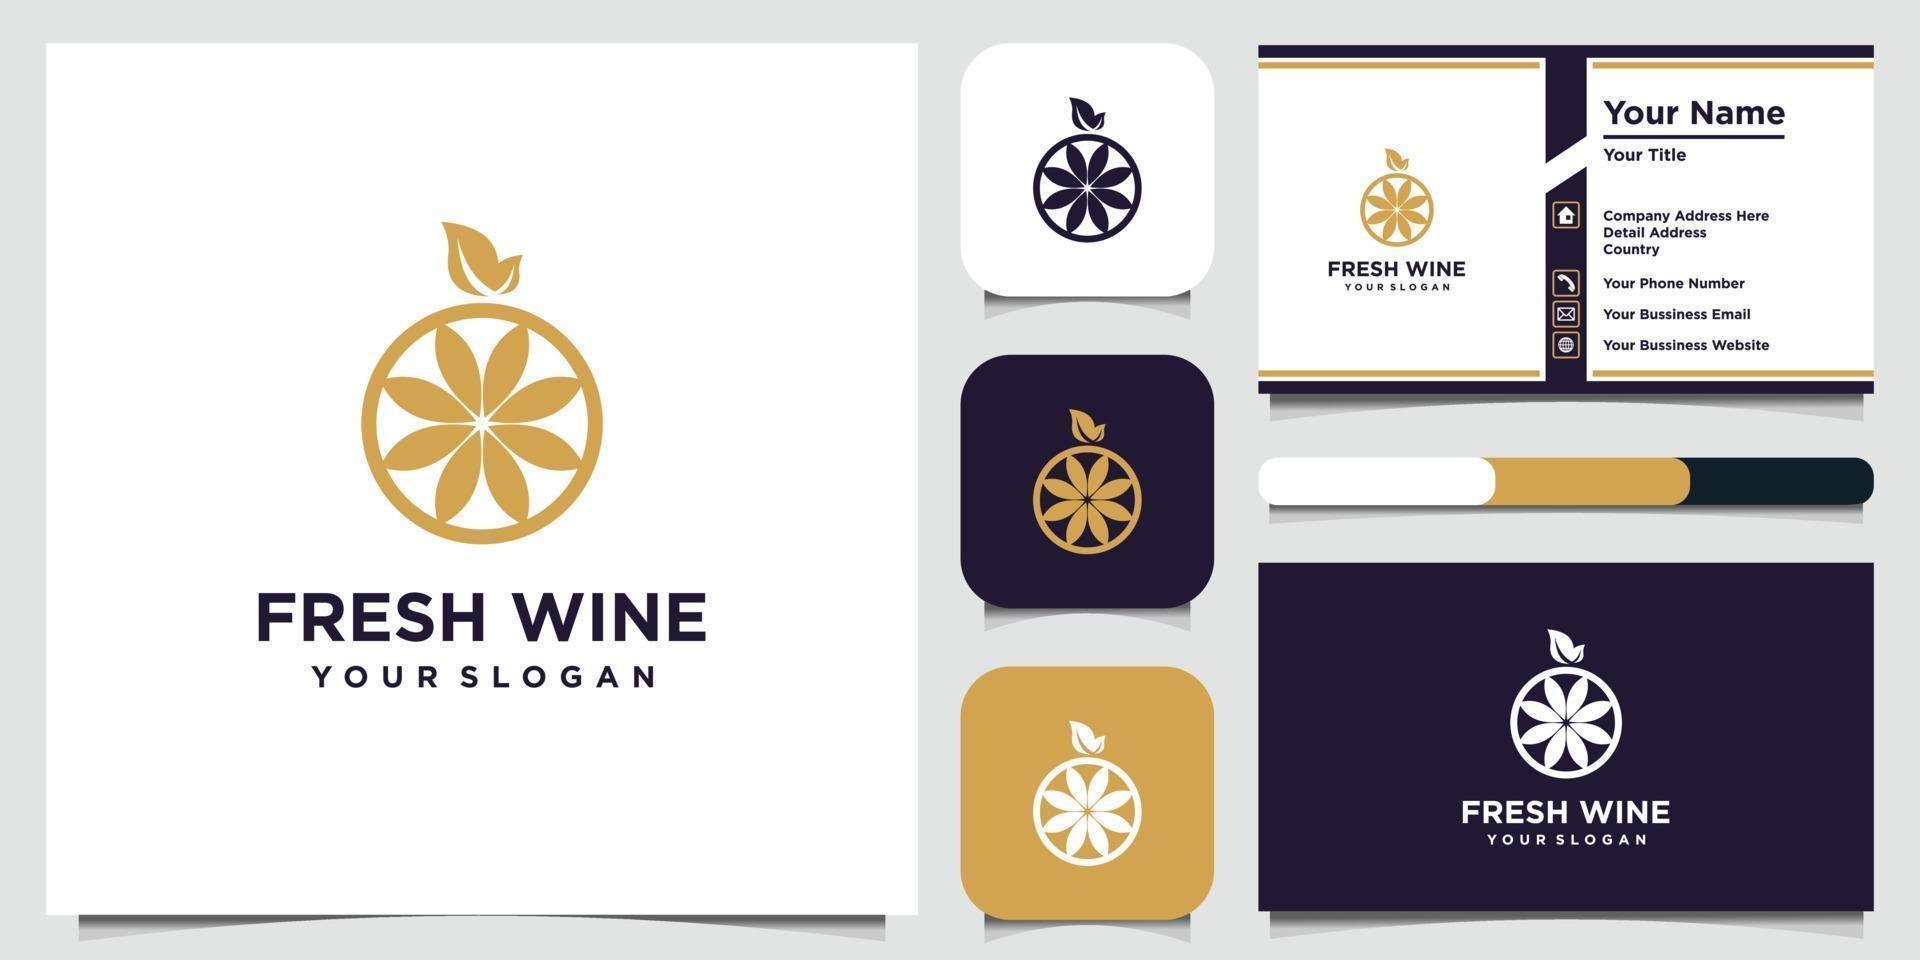 hoge kwaliteit vlakke stijl pictogram illustratie van druiven en visitekaartje vector